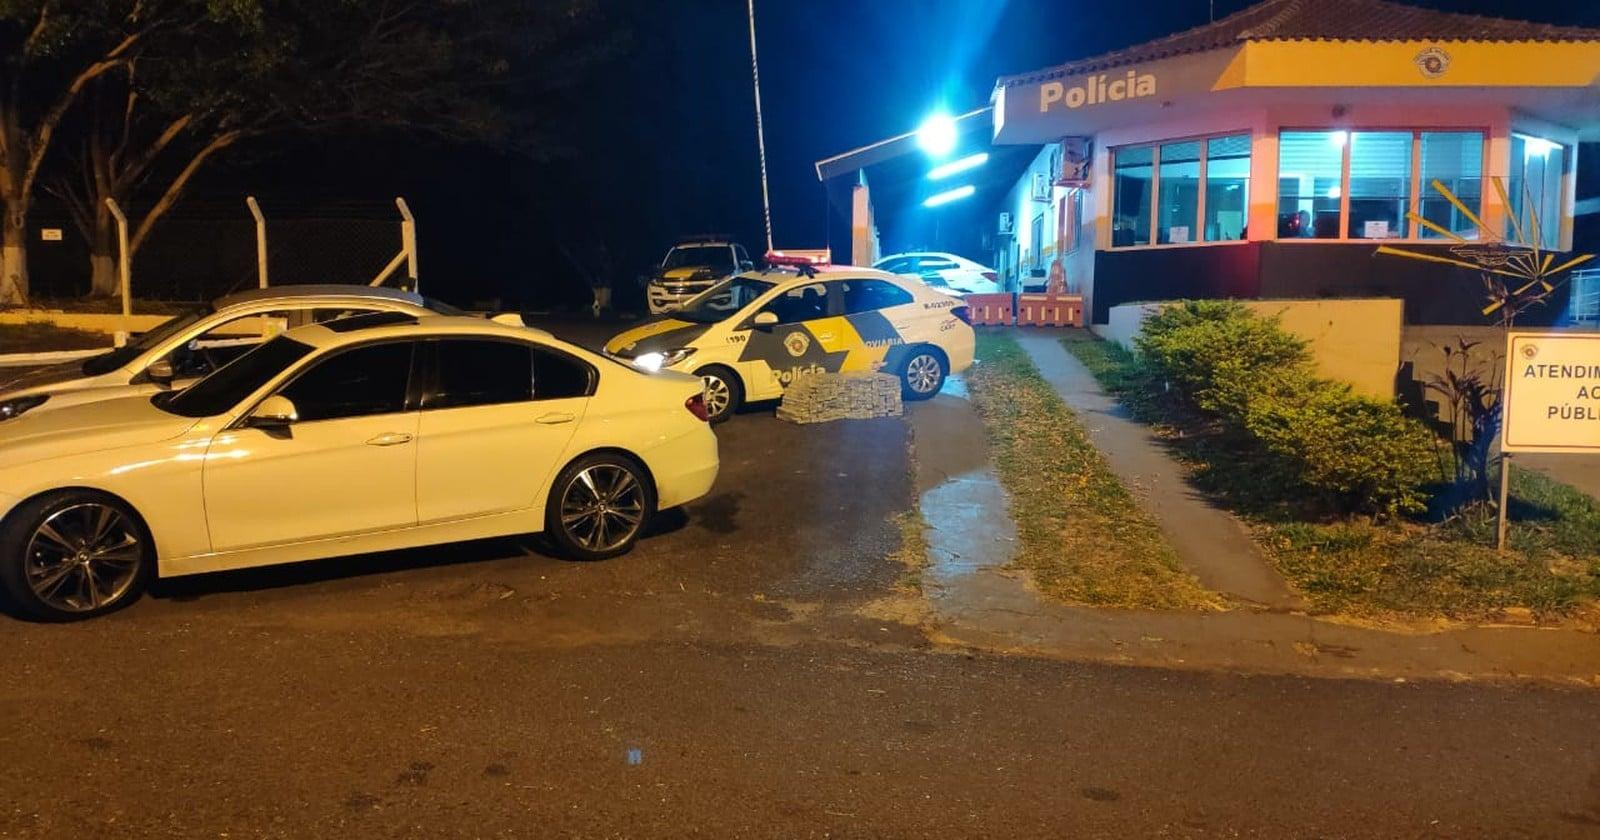 Dois carros foram abordados na sequência na rodovia Raposo Tavares em Assis — Foto: Polícia Rodoviária/Divulgação